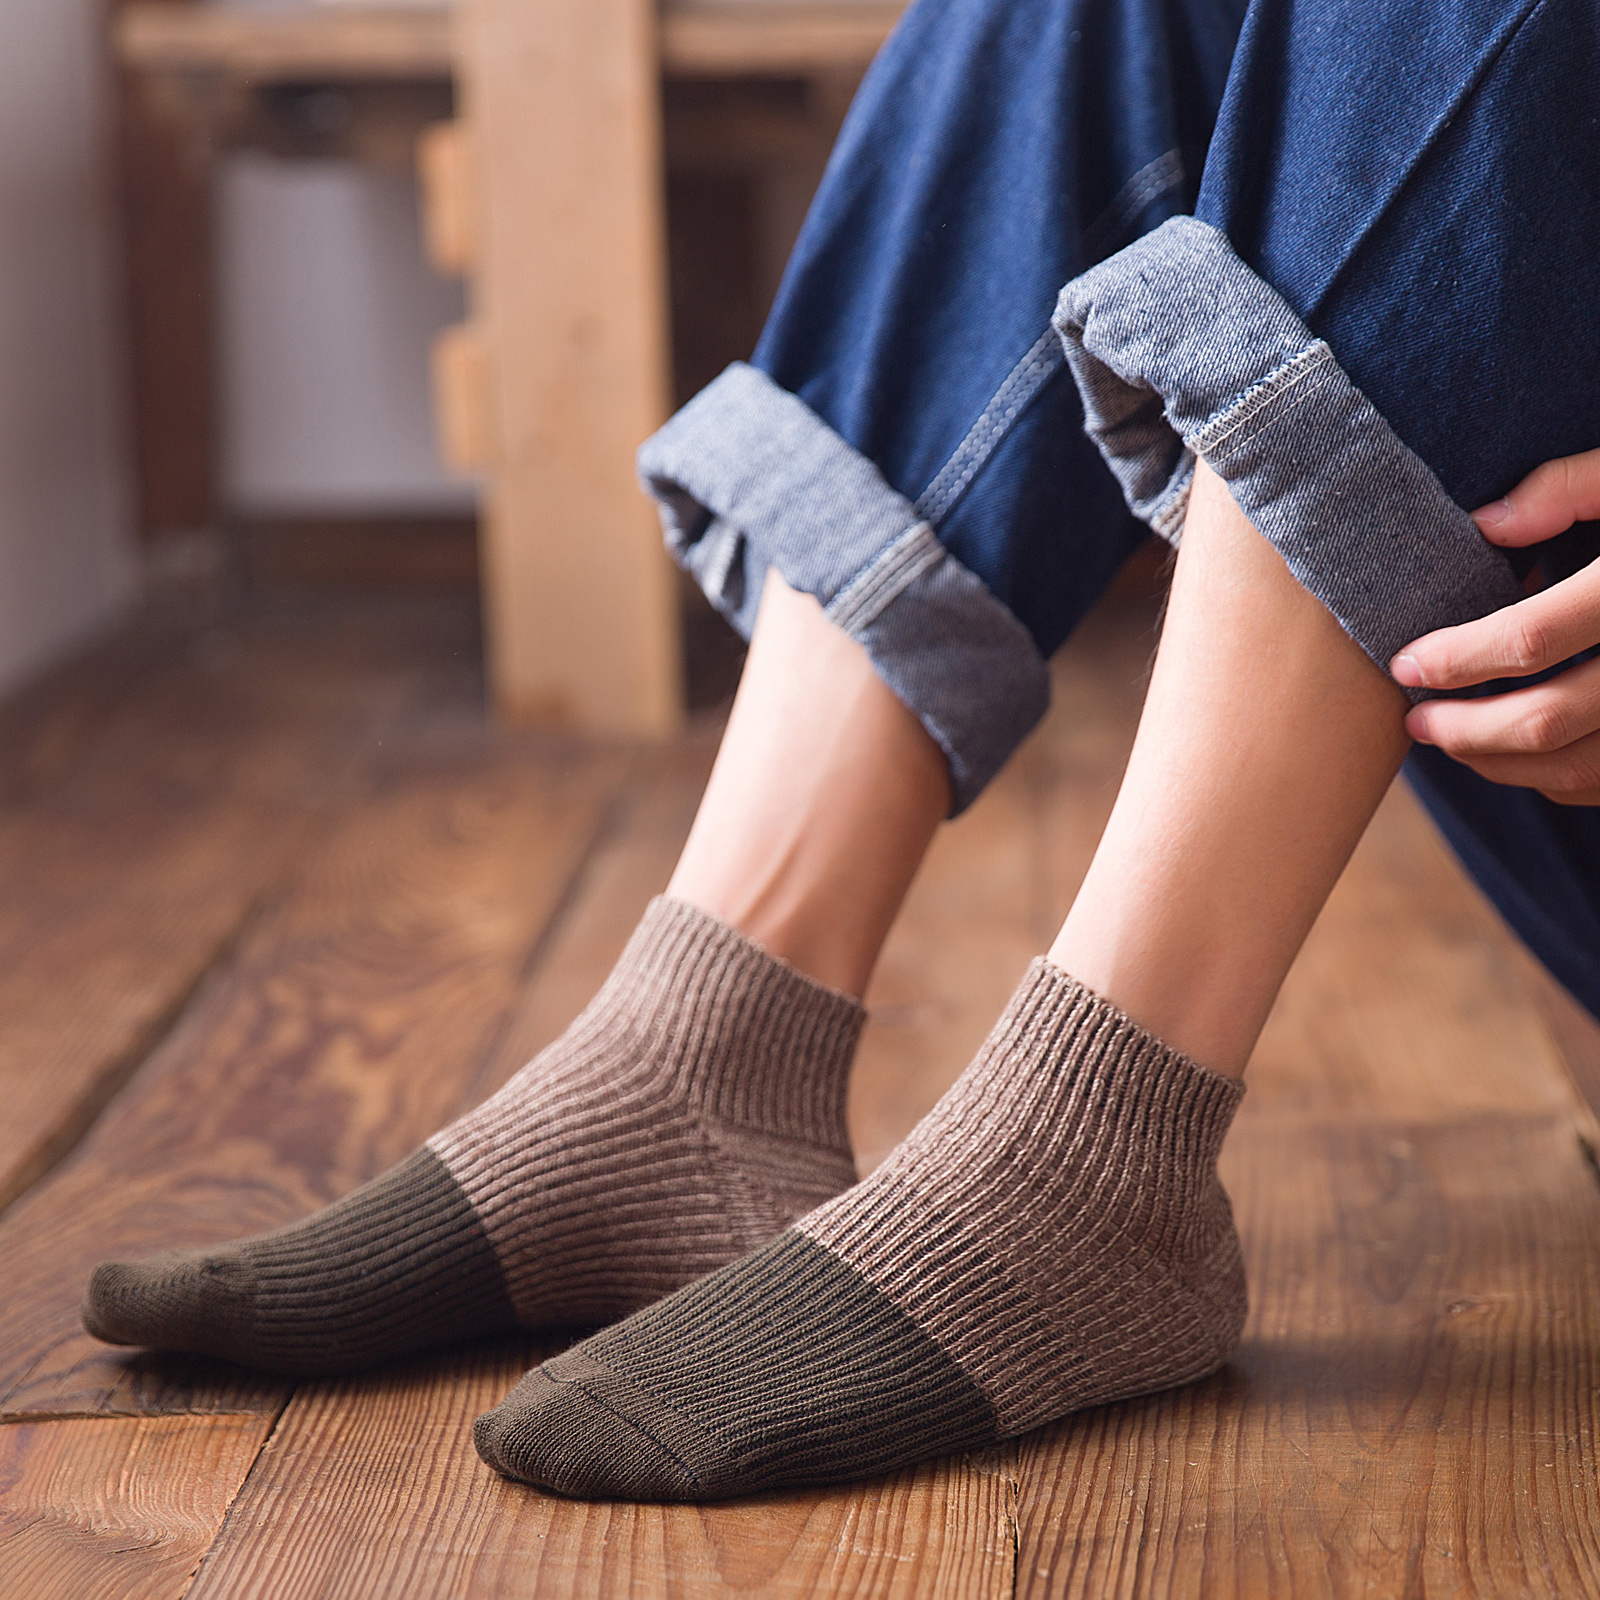 男袜子男士纯棉中筒袜防臭吸汗全棉毛线袜ins潮长袜短袜夏季薄款